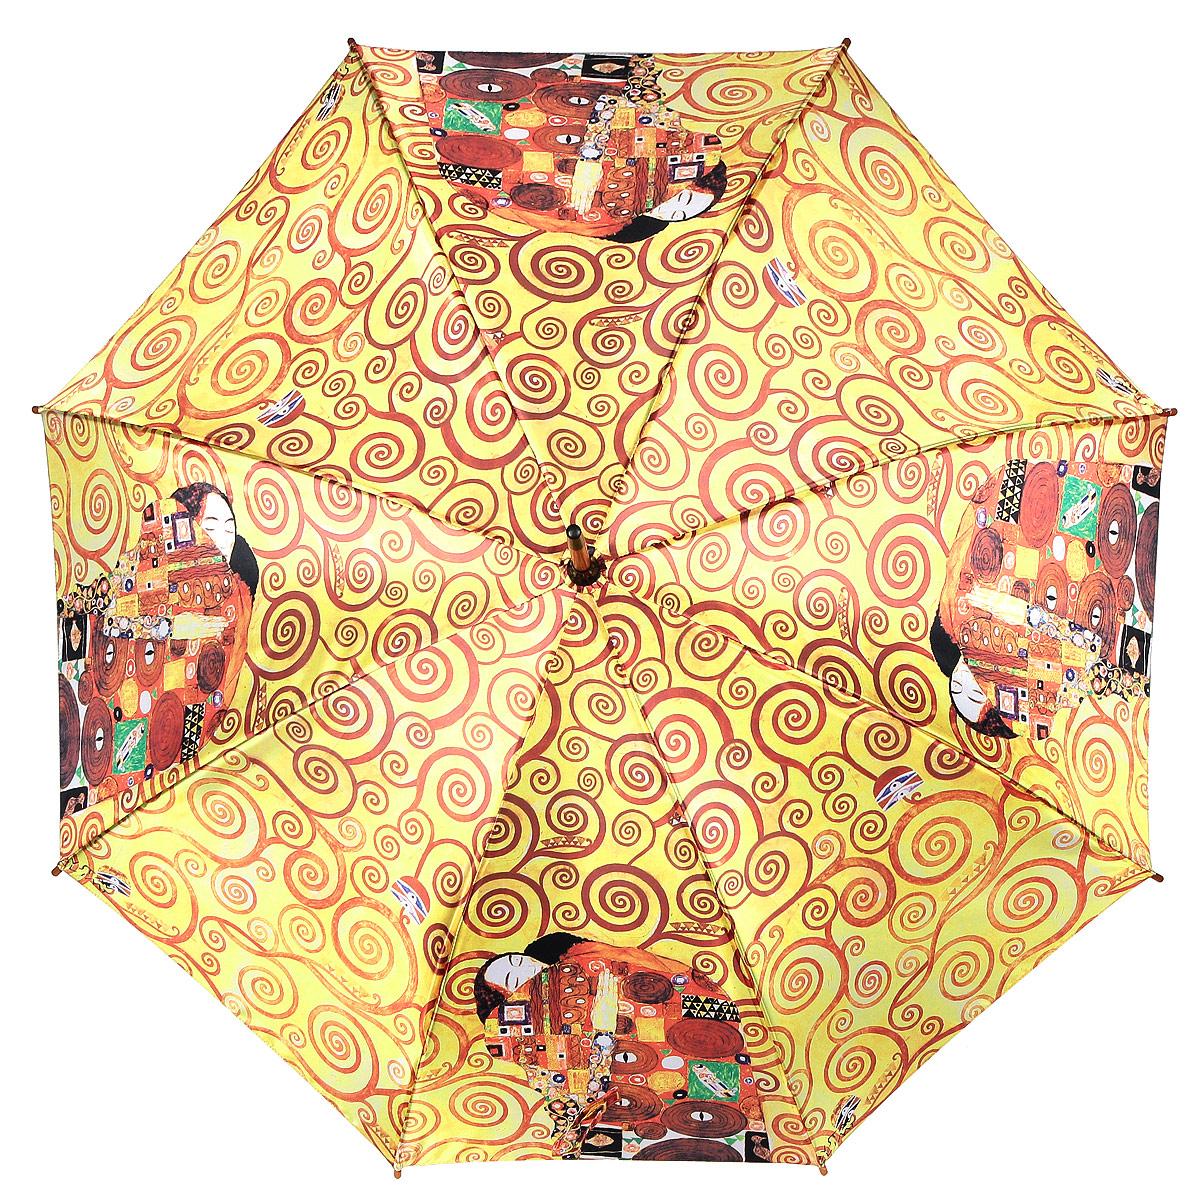 Зонт-трость Объятия, полуавтомат. 1001-251001-25Стильный полуавтоматический зонт-трость Объятия поднимет настроение даже в ненастную погоду. Каркас зонта состоит из деревянного стержня и 8 металлических спиц черного цвета. Купол зонта, изготовленный из сатина с водоотталкивающей пропиткой, оформлен красочным изображением по мотивам картины Густава Климта Объятия. Зонт оснащен удобной закругленной рукояткой. Кончики спиц защищены деревянными насадками. Зонт имеет полуавтоматический механизм сложения: купол открывается нажатием кнопки на рукоятке, а закрывается вручную до характерного щелчка. Такой зонт не только надежно защитит вас от дождя, но и станет стильным аксессуаром.